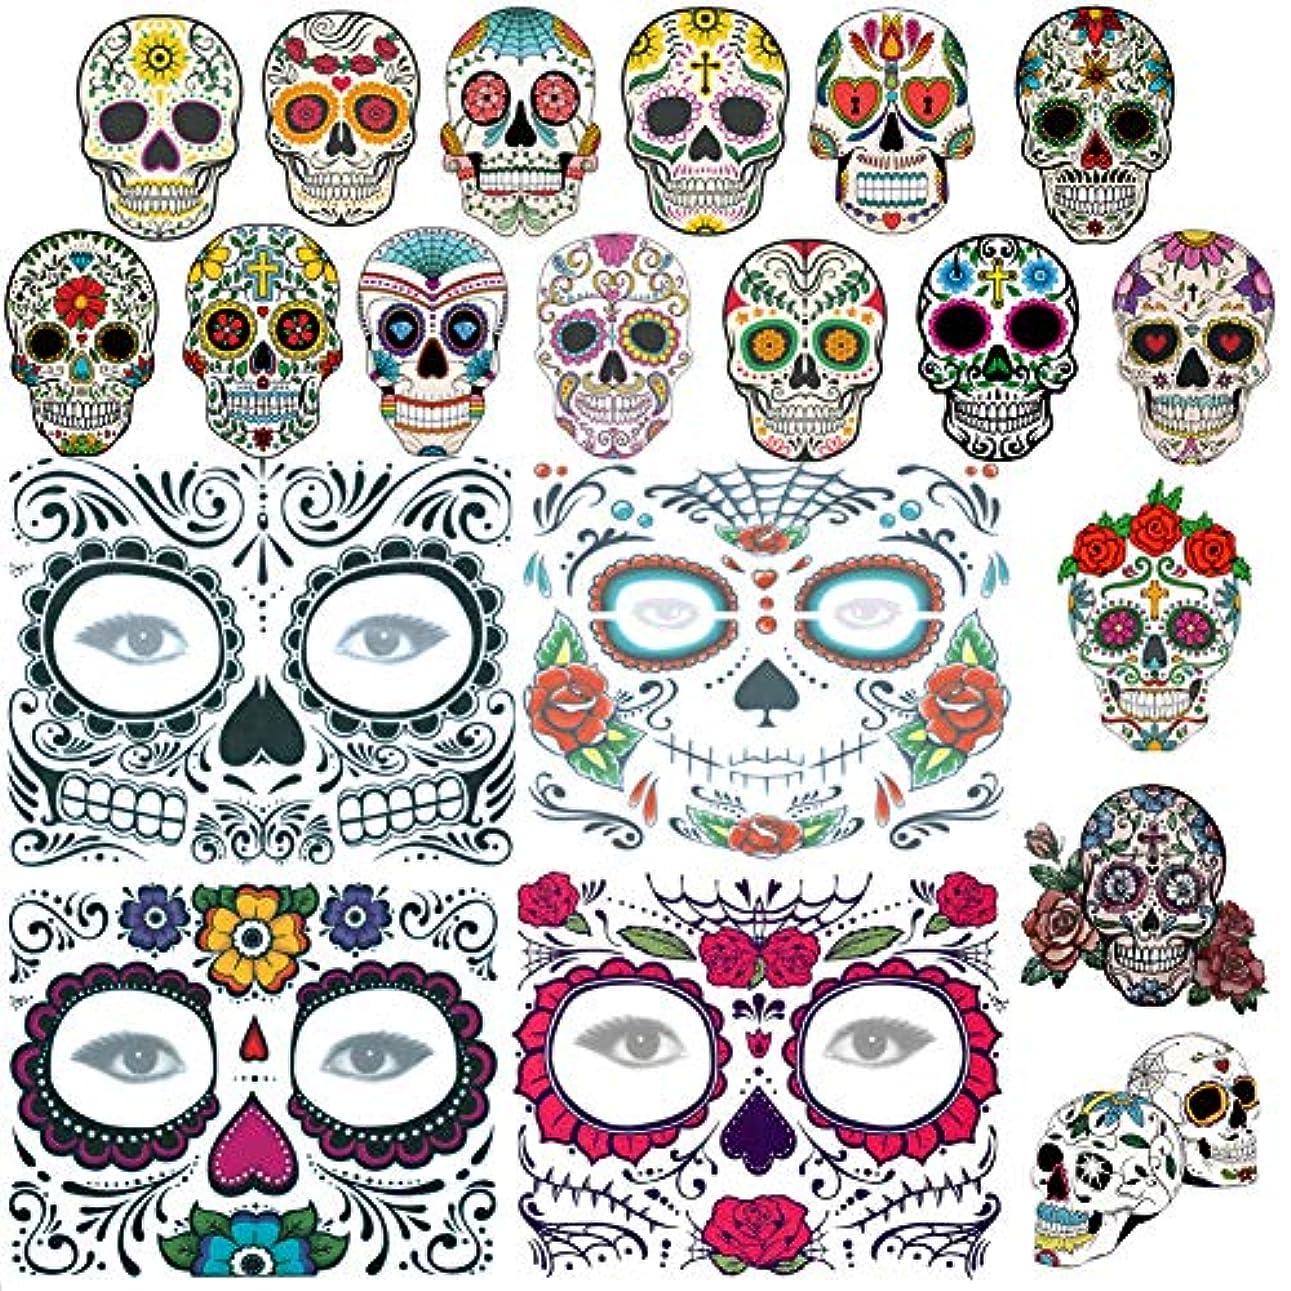 縫い目しつけ奇跡死者の日,メキシカンスカルマスク,4ピースハロウィンフェイスタトゥー、16個シュガースカルフェイス&ボディータトゥー仮面タトゥーキットハロウィーンメイクアップタトゥーキット女性男性大人子供ハロウィーンクリスマスパーティー